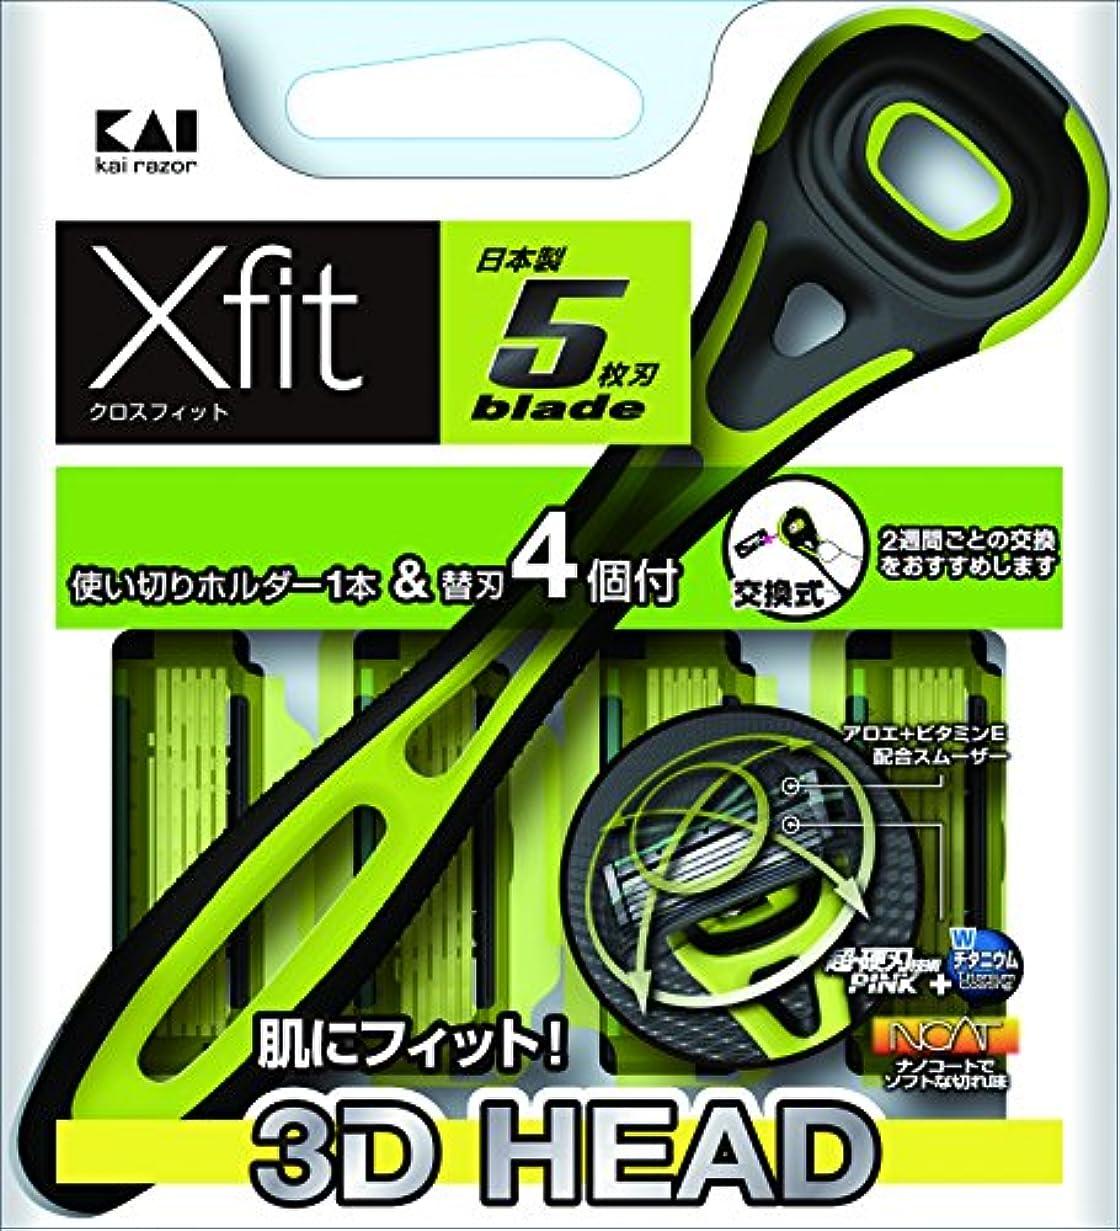 退屈なあなたはデッドXfit(クロスフィット)5枚刃 クリアパッケージ 使い切りホルダー+替刃4個